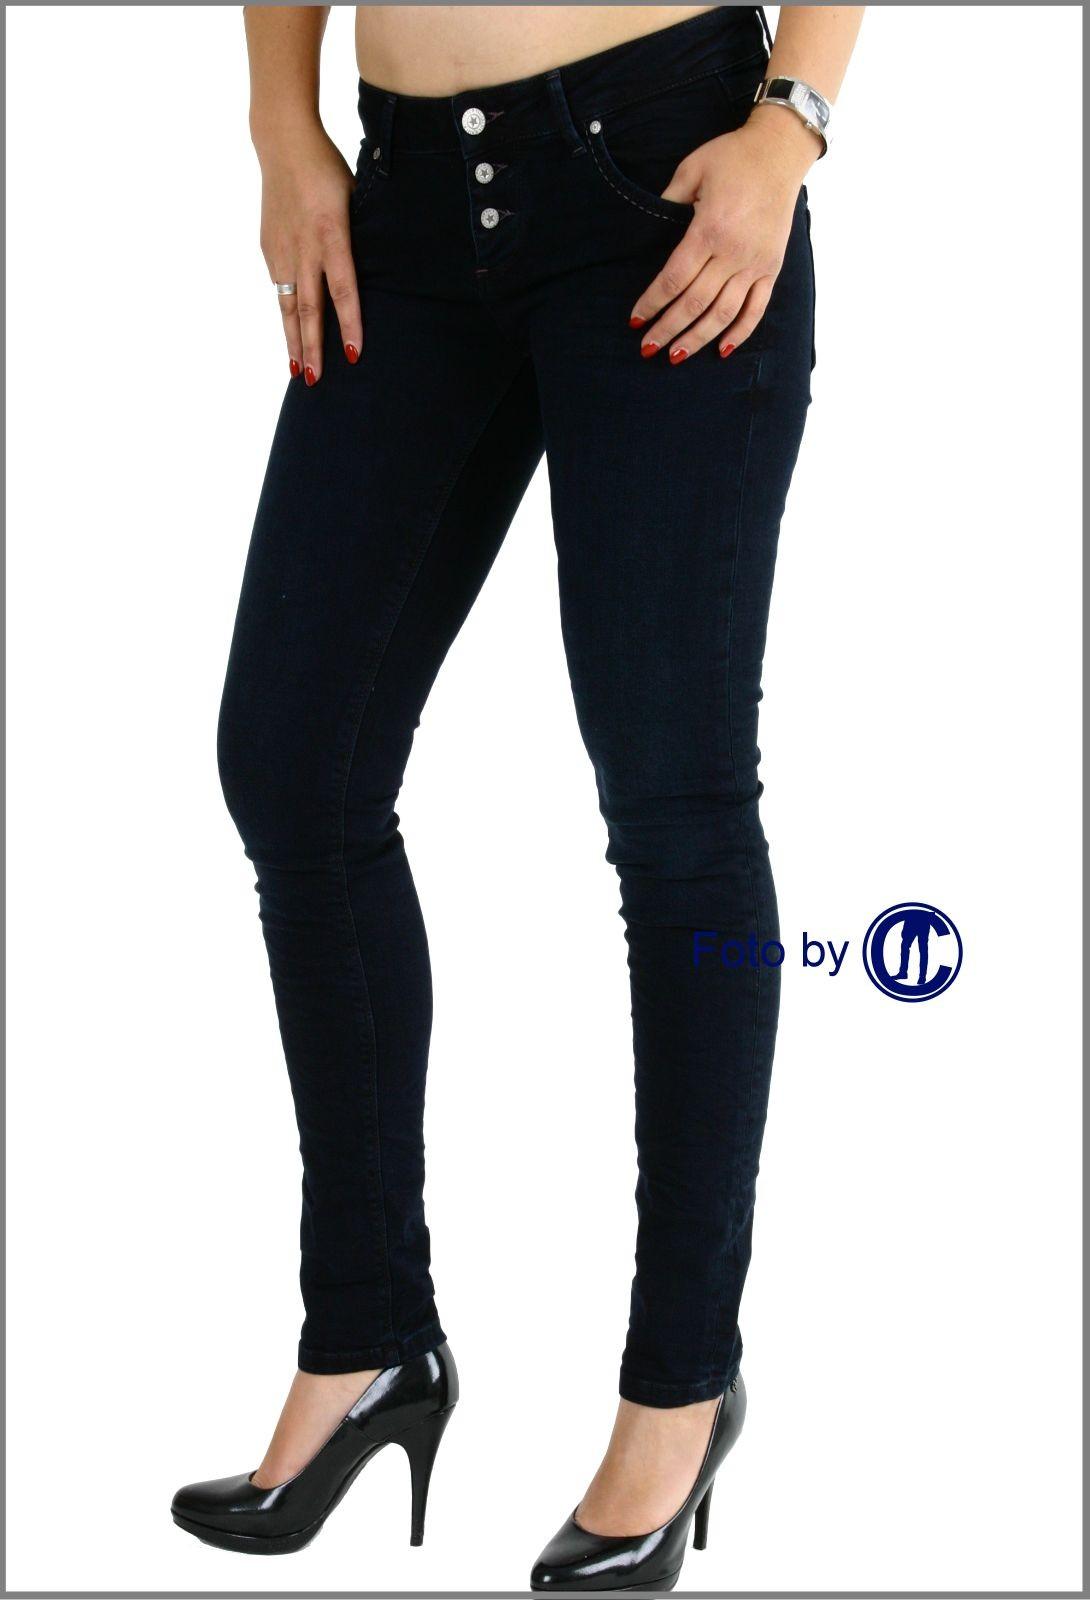 66ed8fd41e1bbc Jeans von M.O.D. Ulla Skinny blue-black, 59,99 €